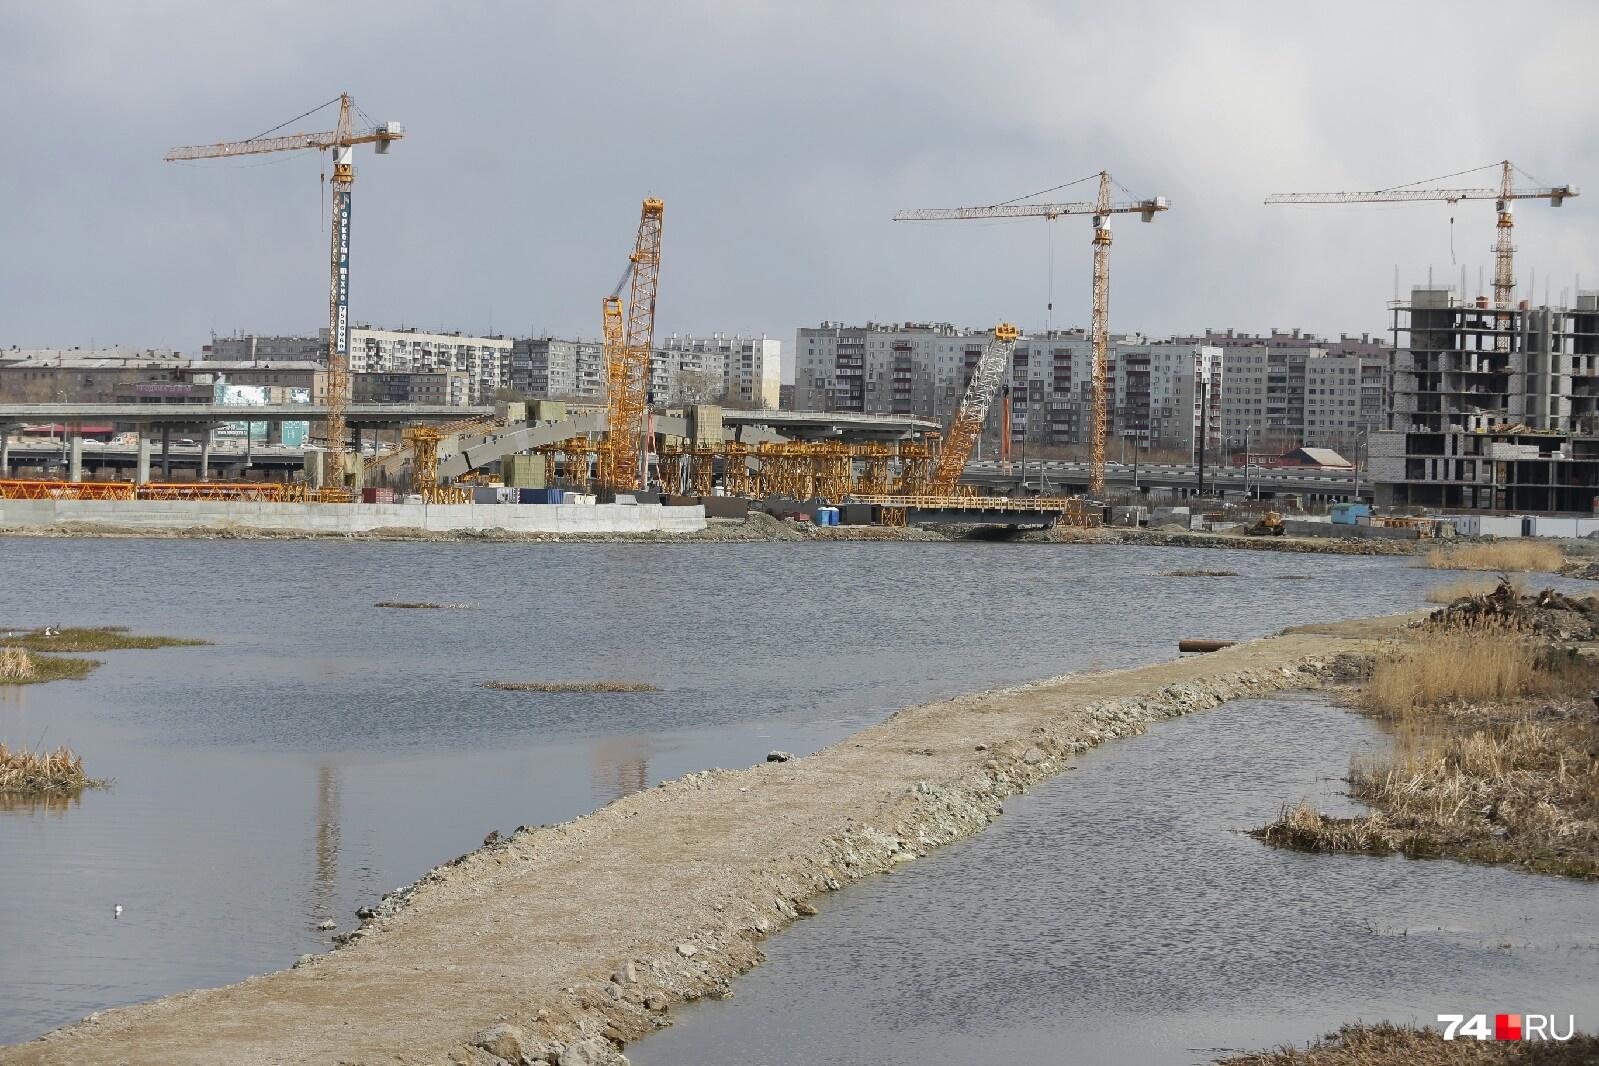 45-тонная арка общественно-делового центра будет стоять на 90 опорных блоках